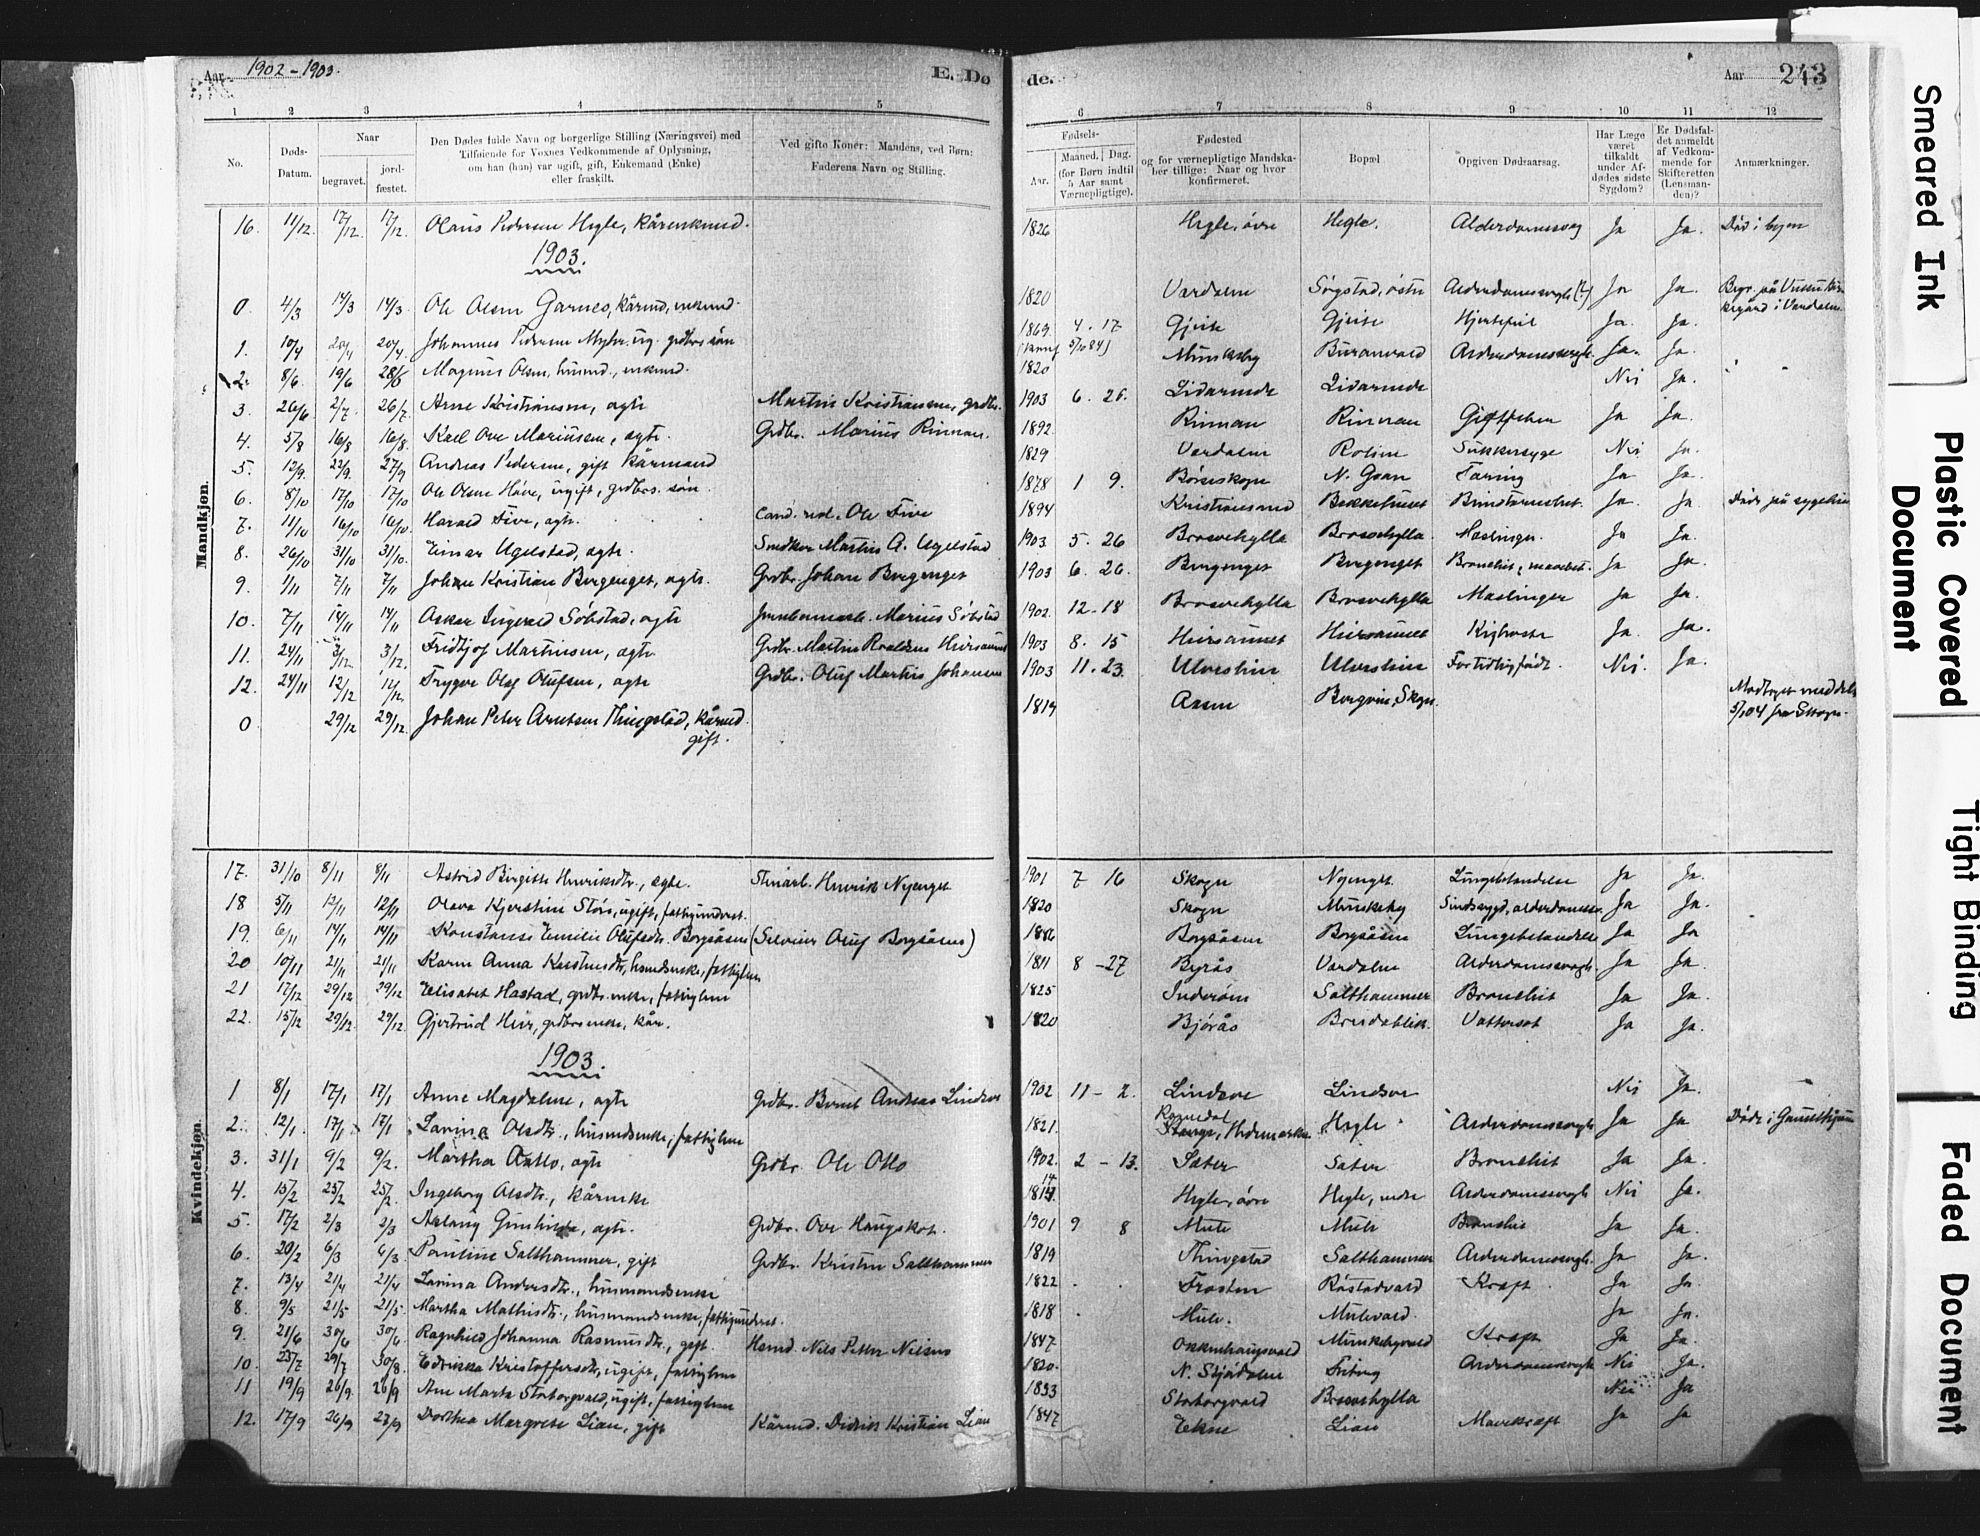 SAT, Ministerialprotokoller, klokkerbøker og fødselsregistre - Nord-Trøndelag, 721/L0207: Ministerialbok nr. 721A02, 1880-1911, s. 243